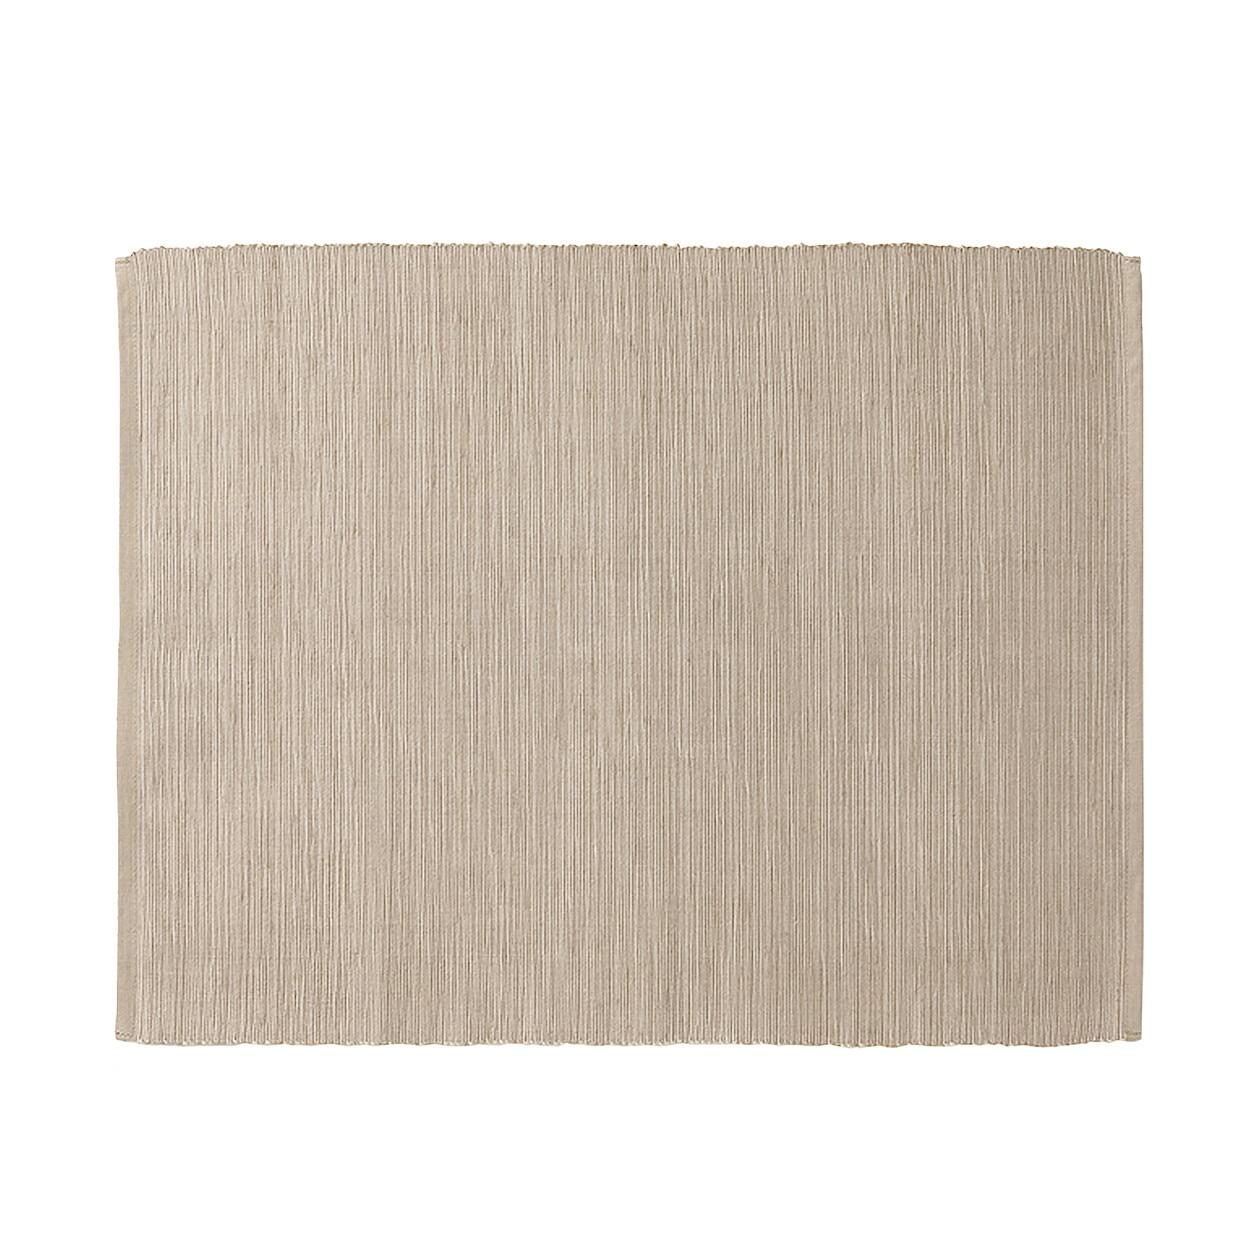 インド綿手織ランチョンマット/アイボリー ライトブラウン